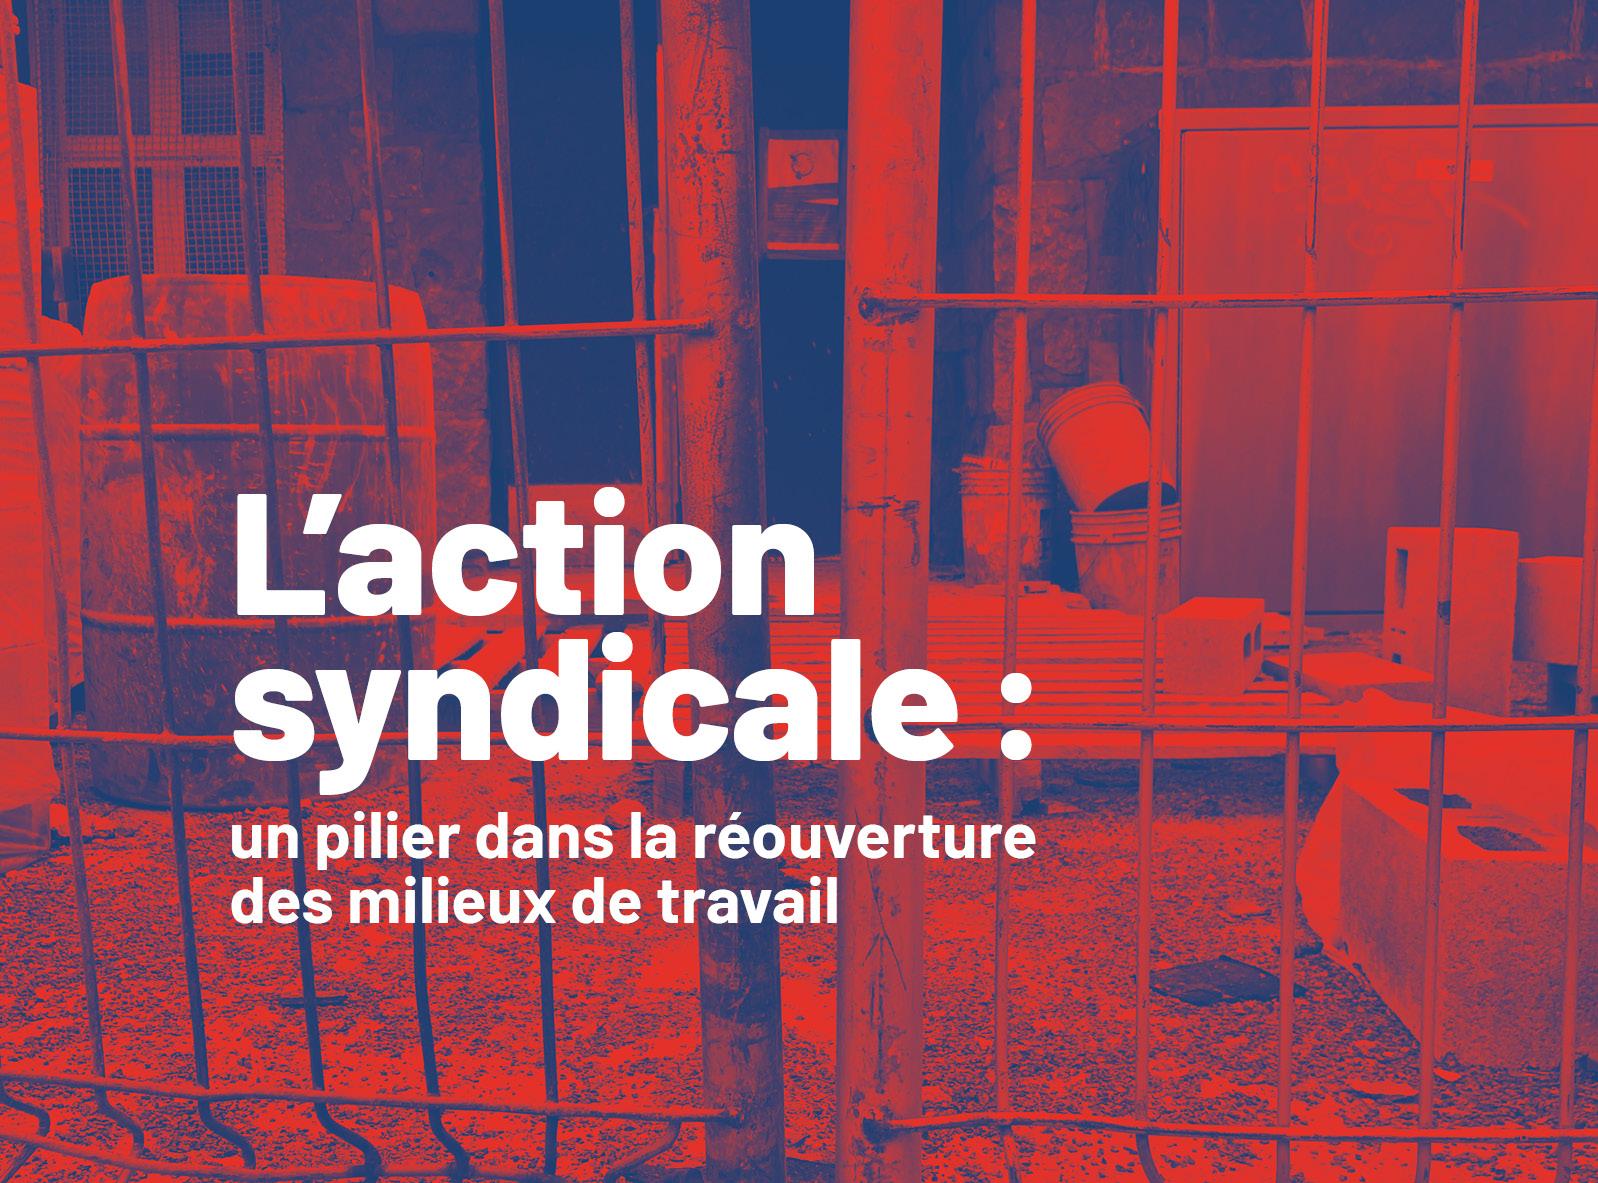 L'action syndicale : un pilier dans la réouverture des milieux de travail